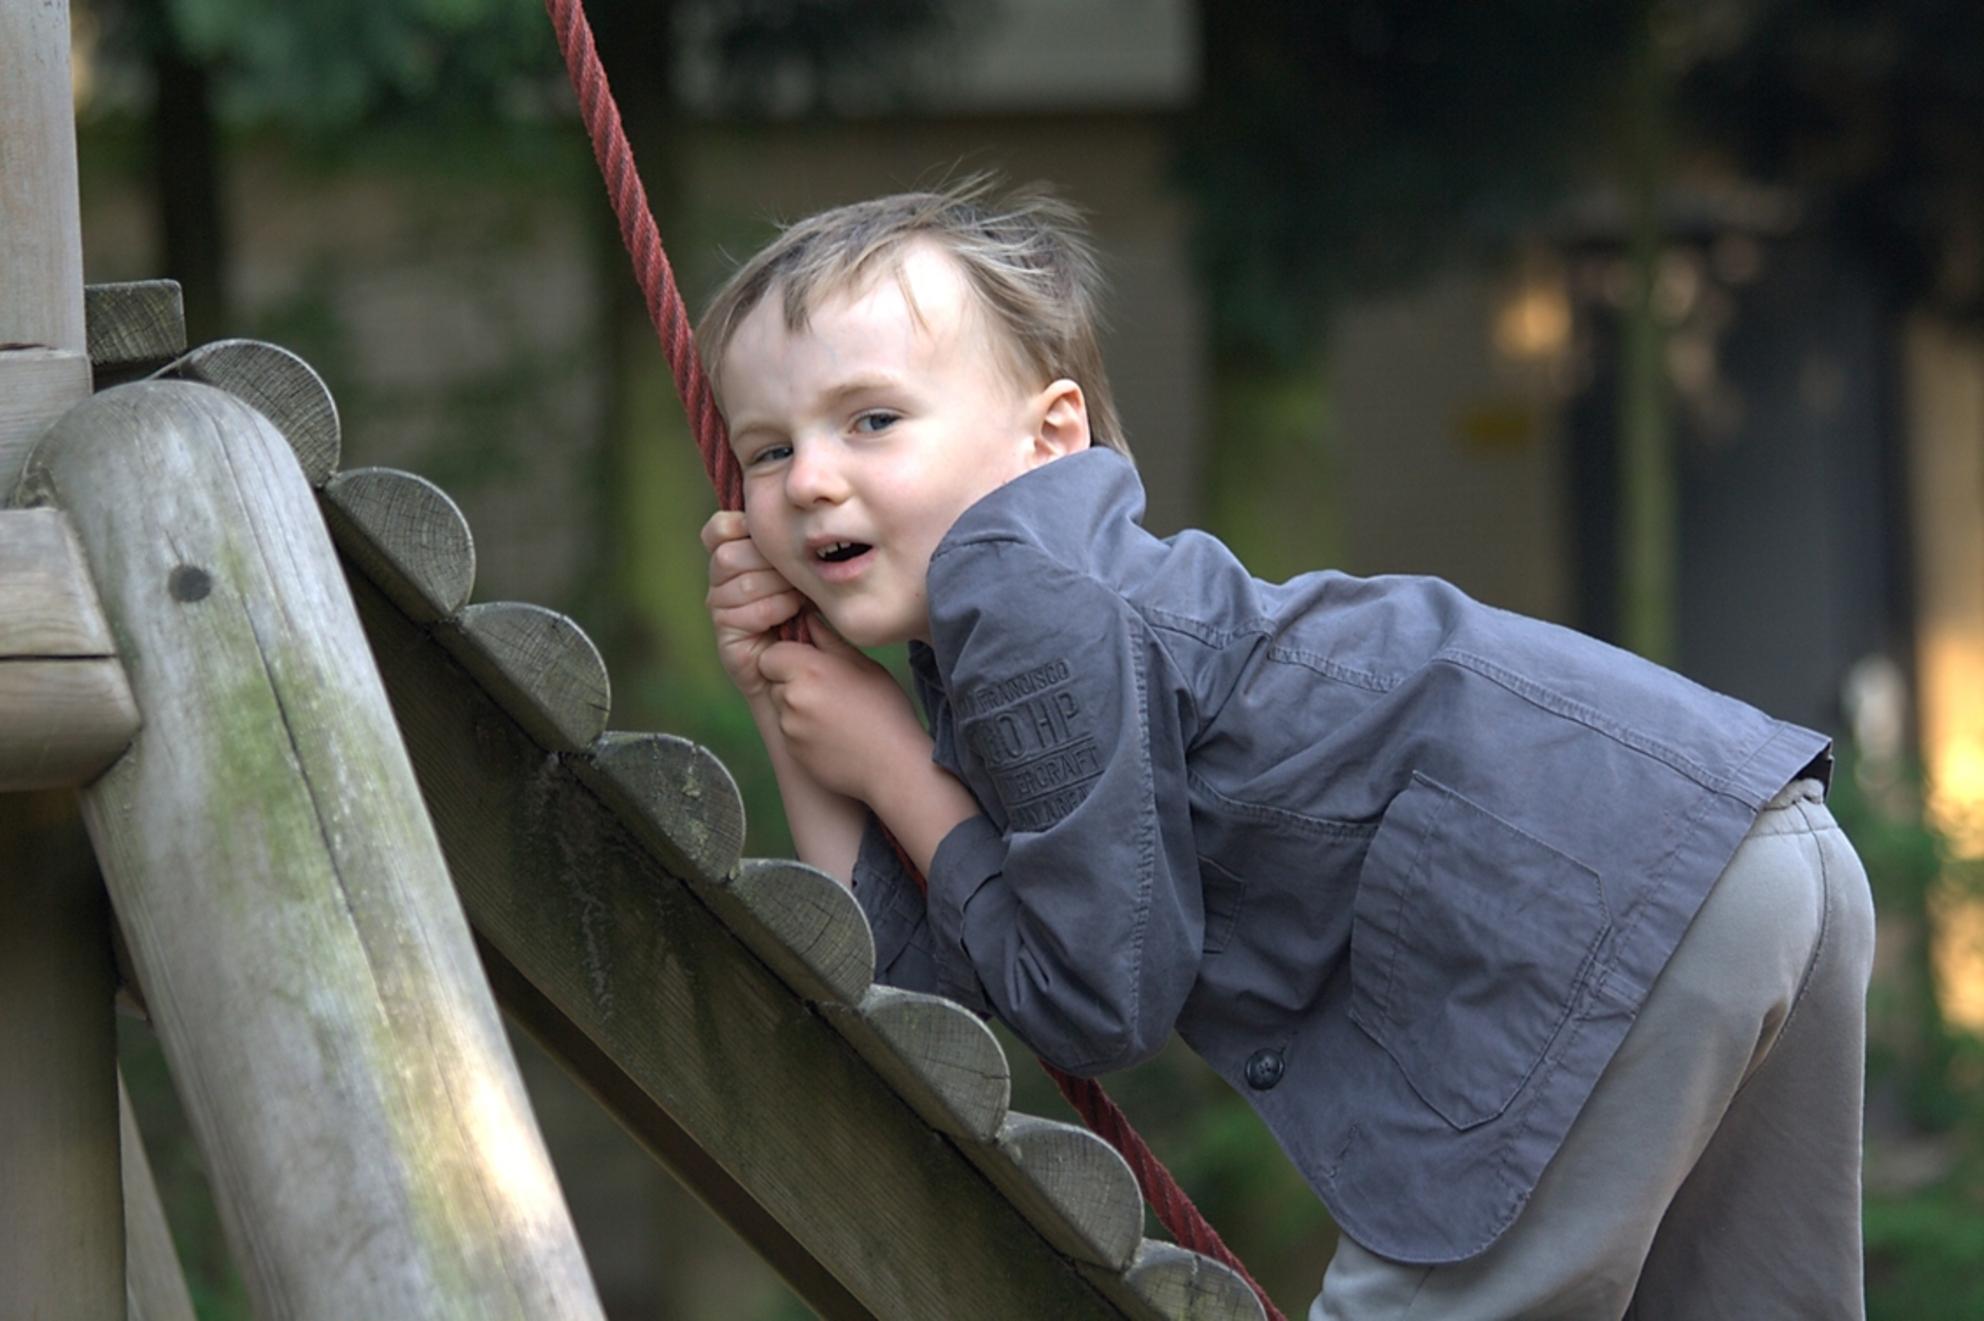 Neefje David - David klimt er op los in de Katjeskelder. - foto door maverick75nl op 21-12-2011 - deze foto bevat: spelen, kind, mens